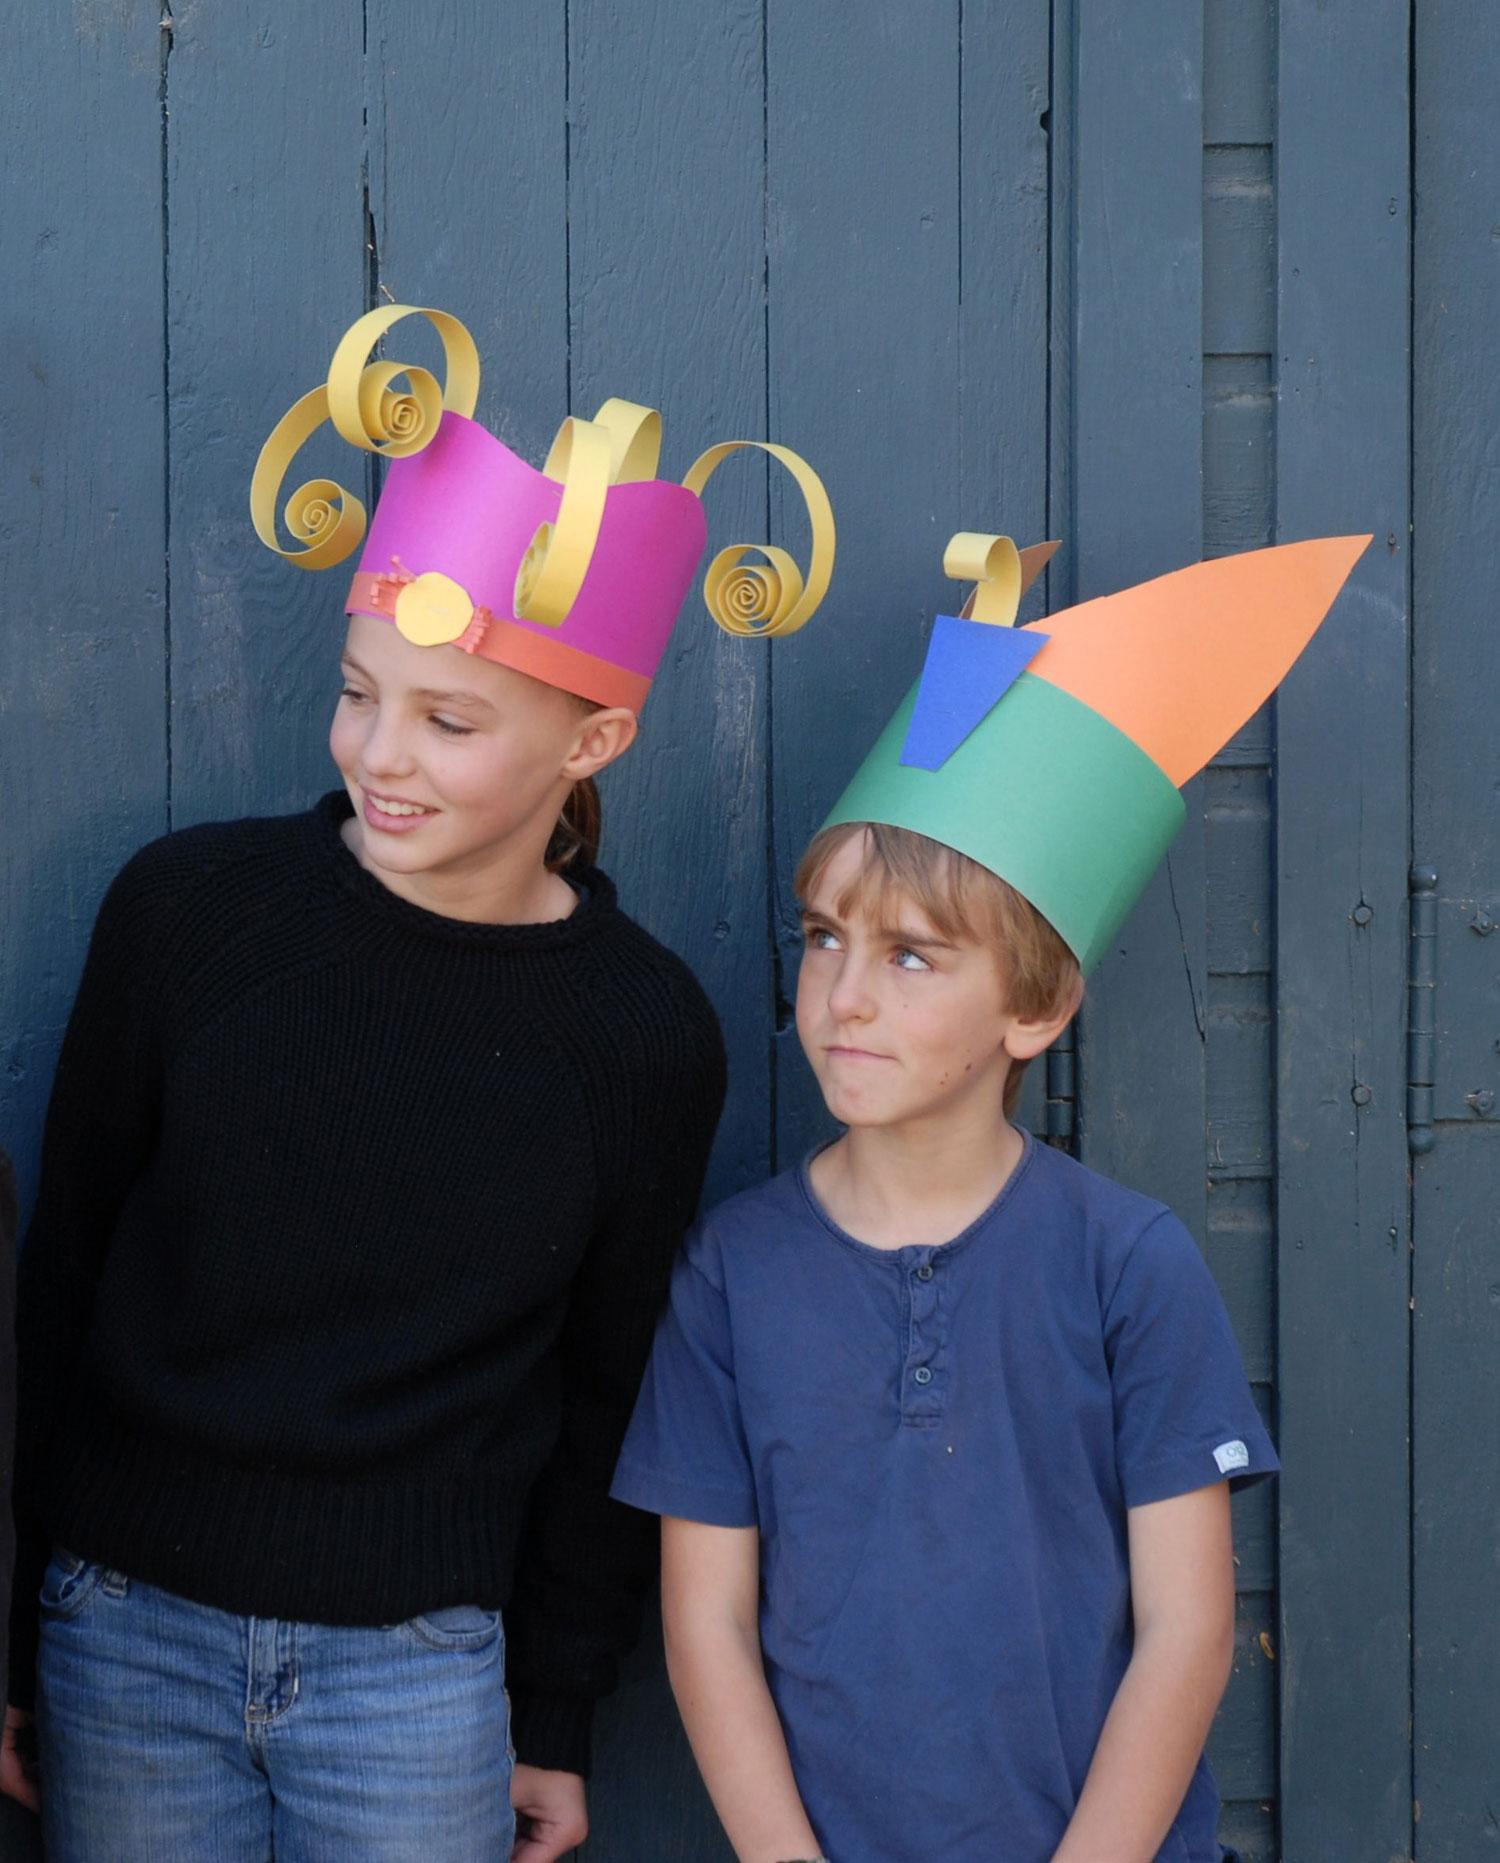 9781454702474_a253-halloween-crazy-hats-OP.jpg